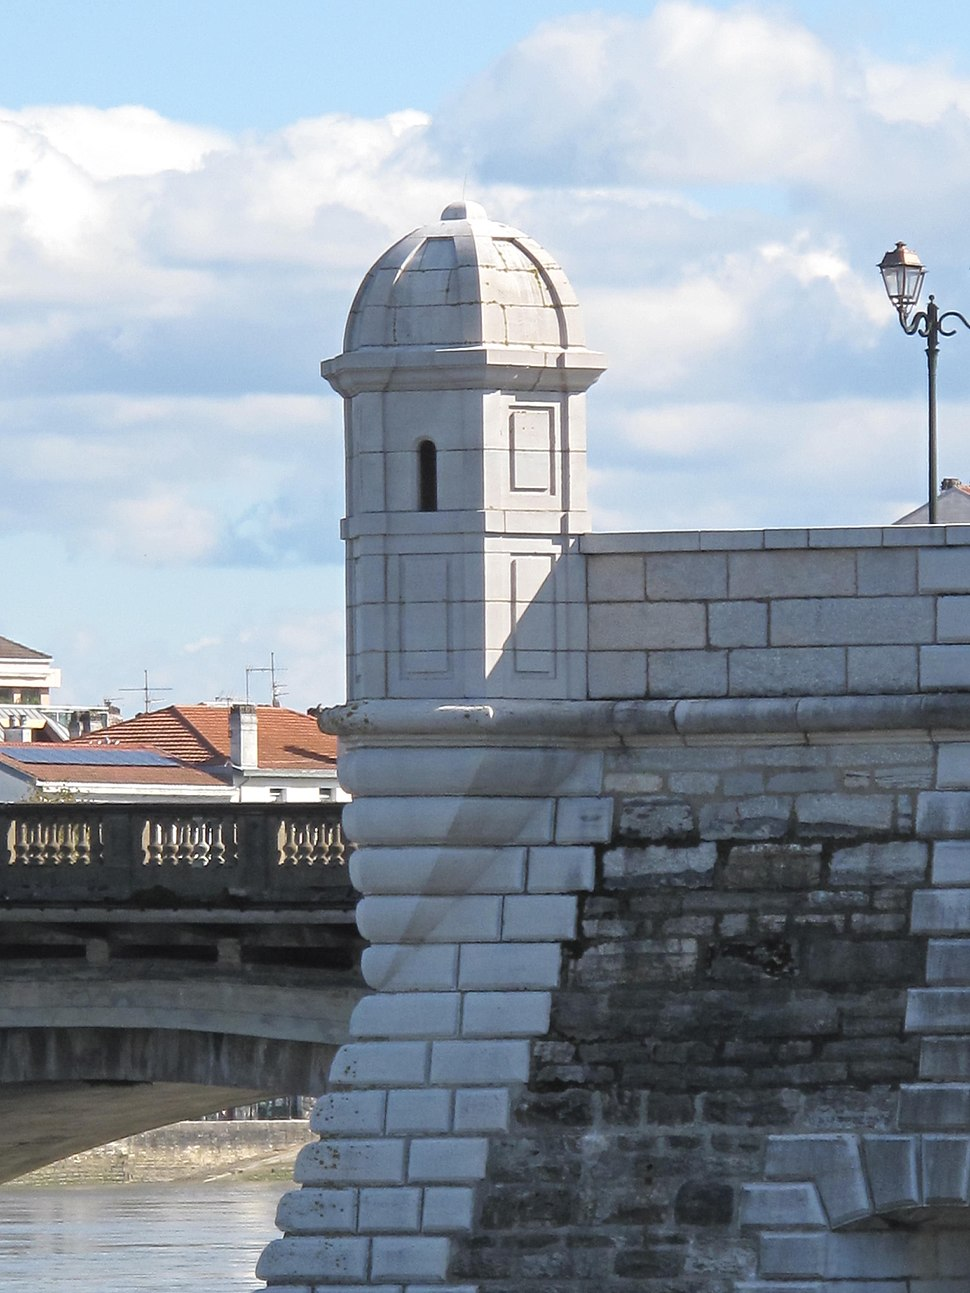 Photographie d'une échauguette de pierre blanche se détachant au-dessus d'un pont.